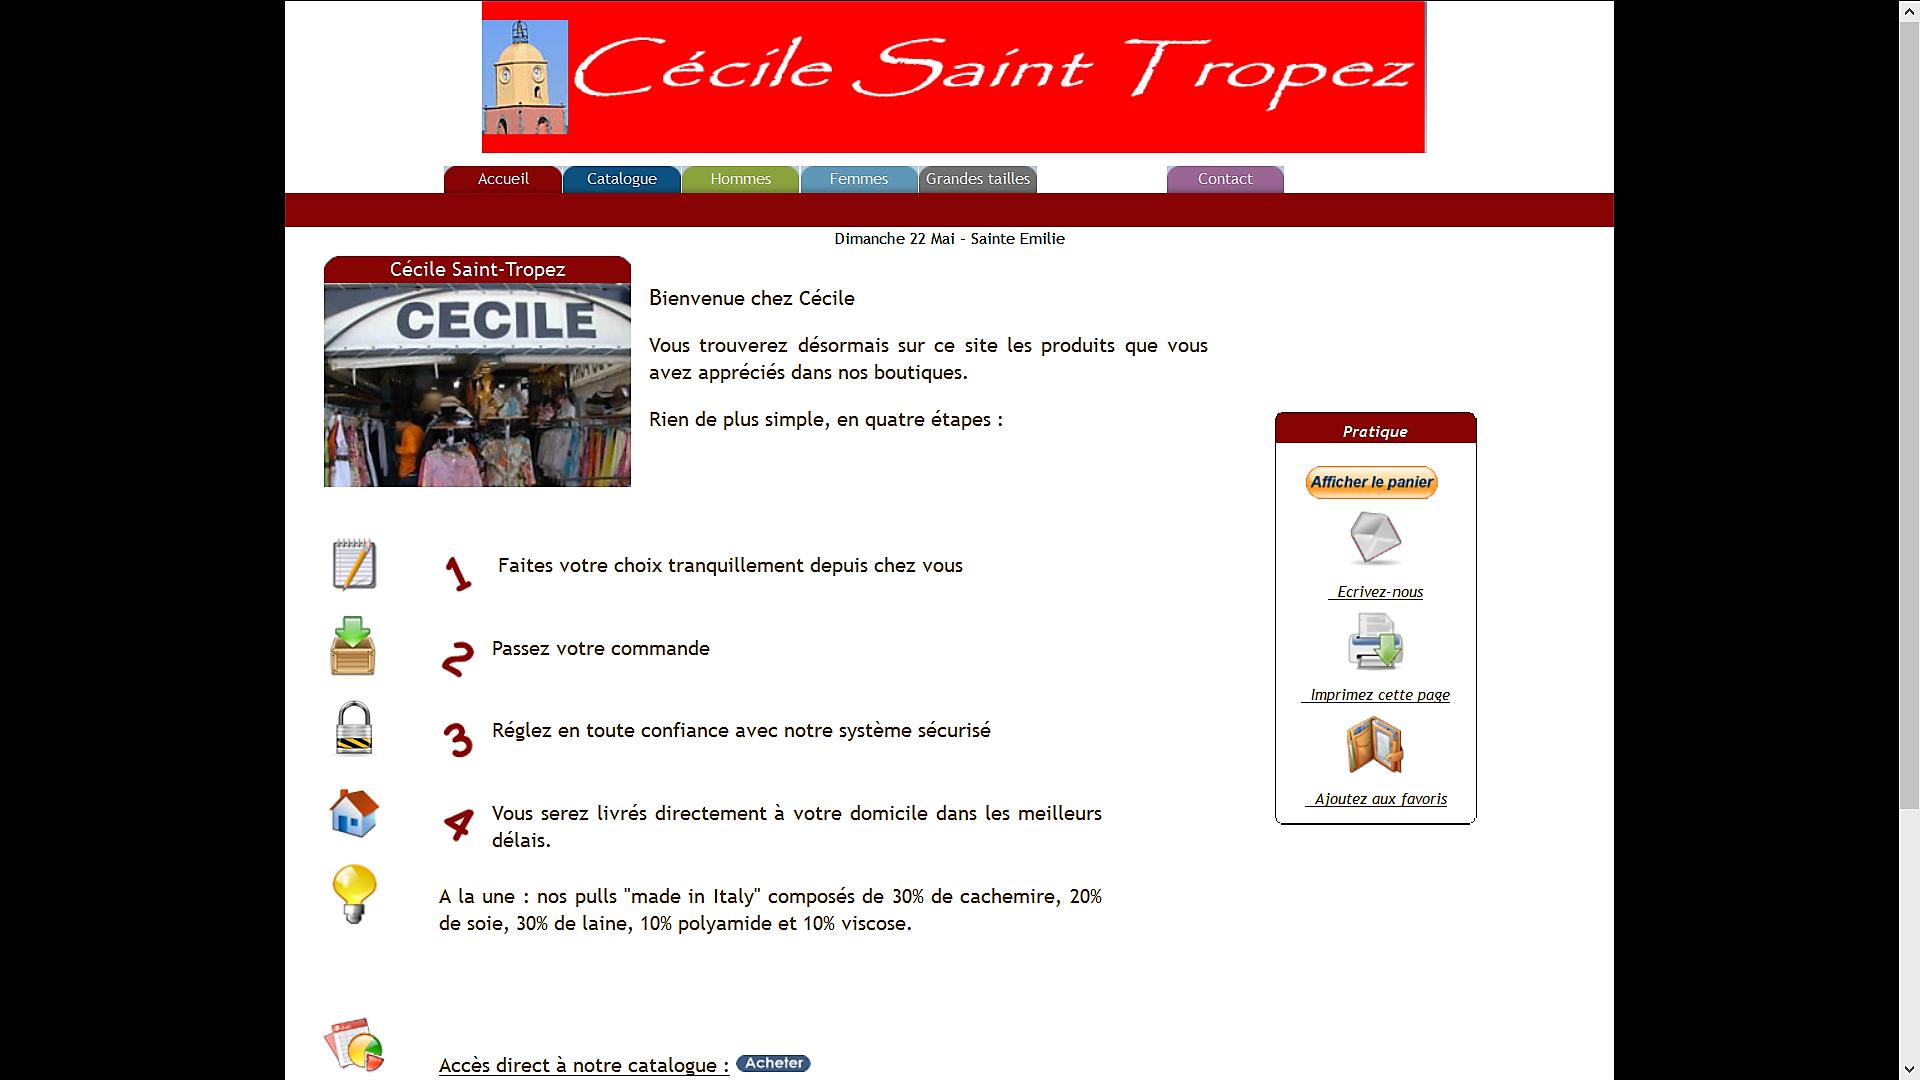 Cecile St Tropez